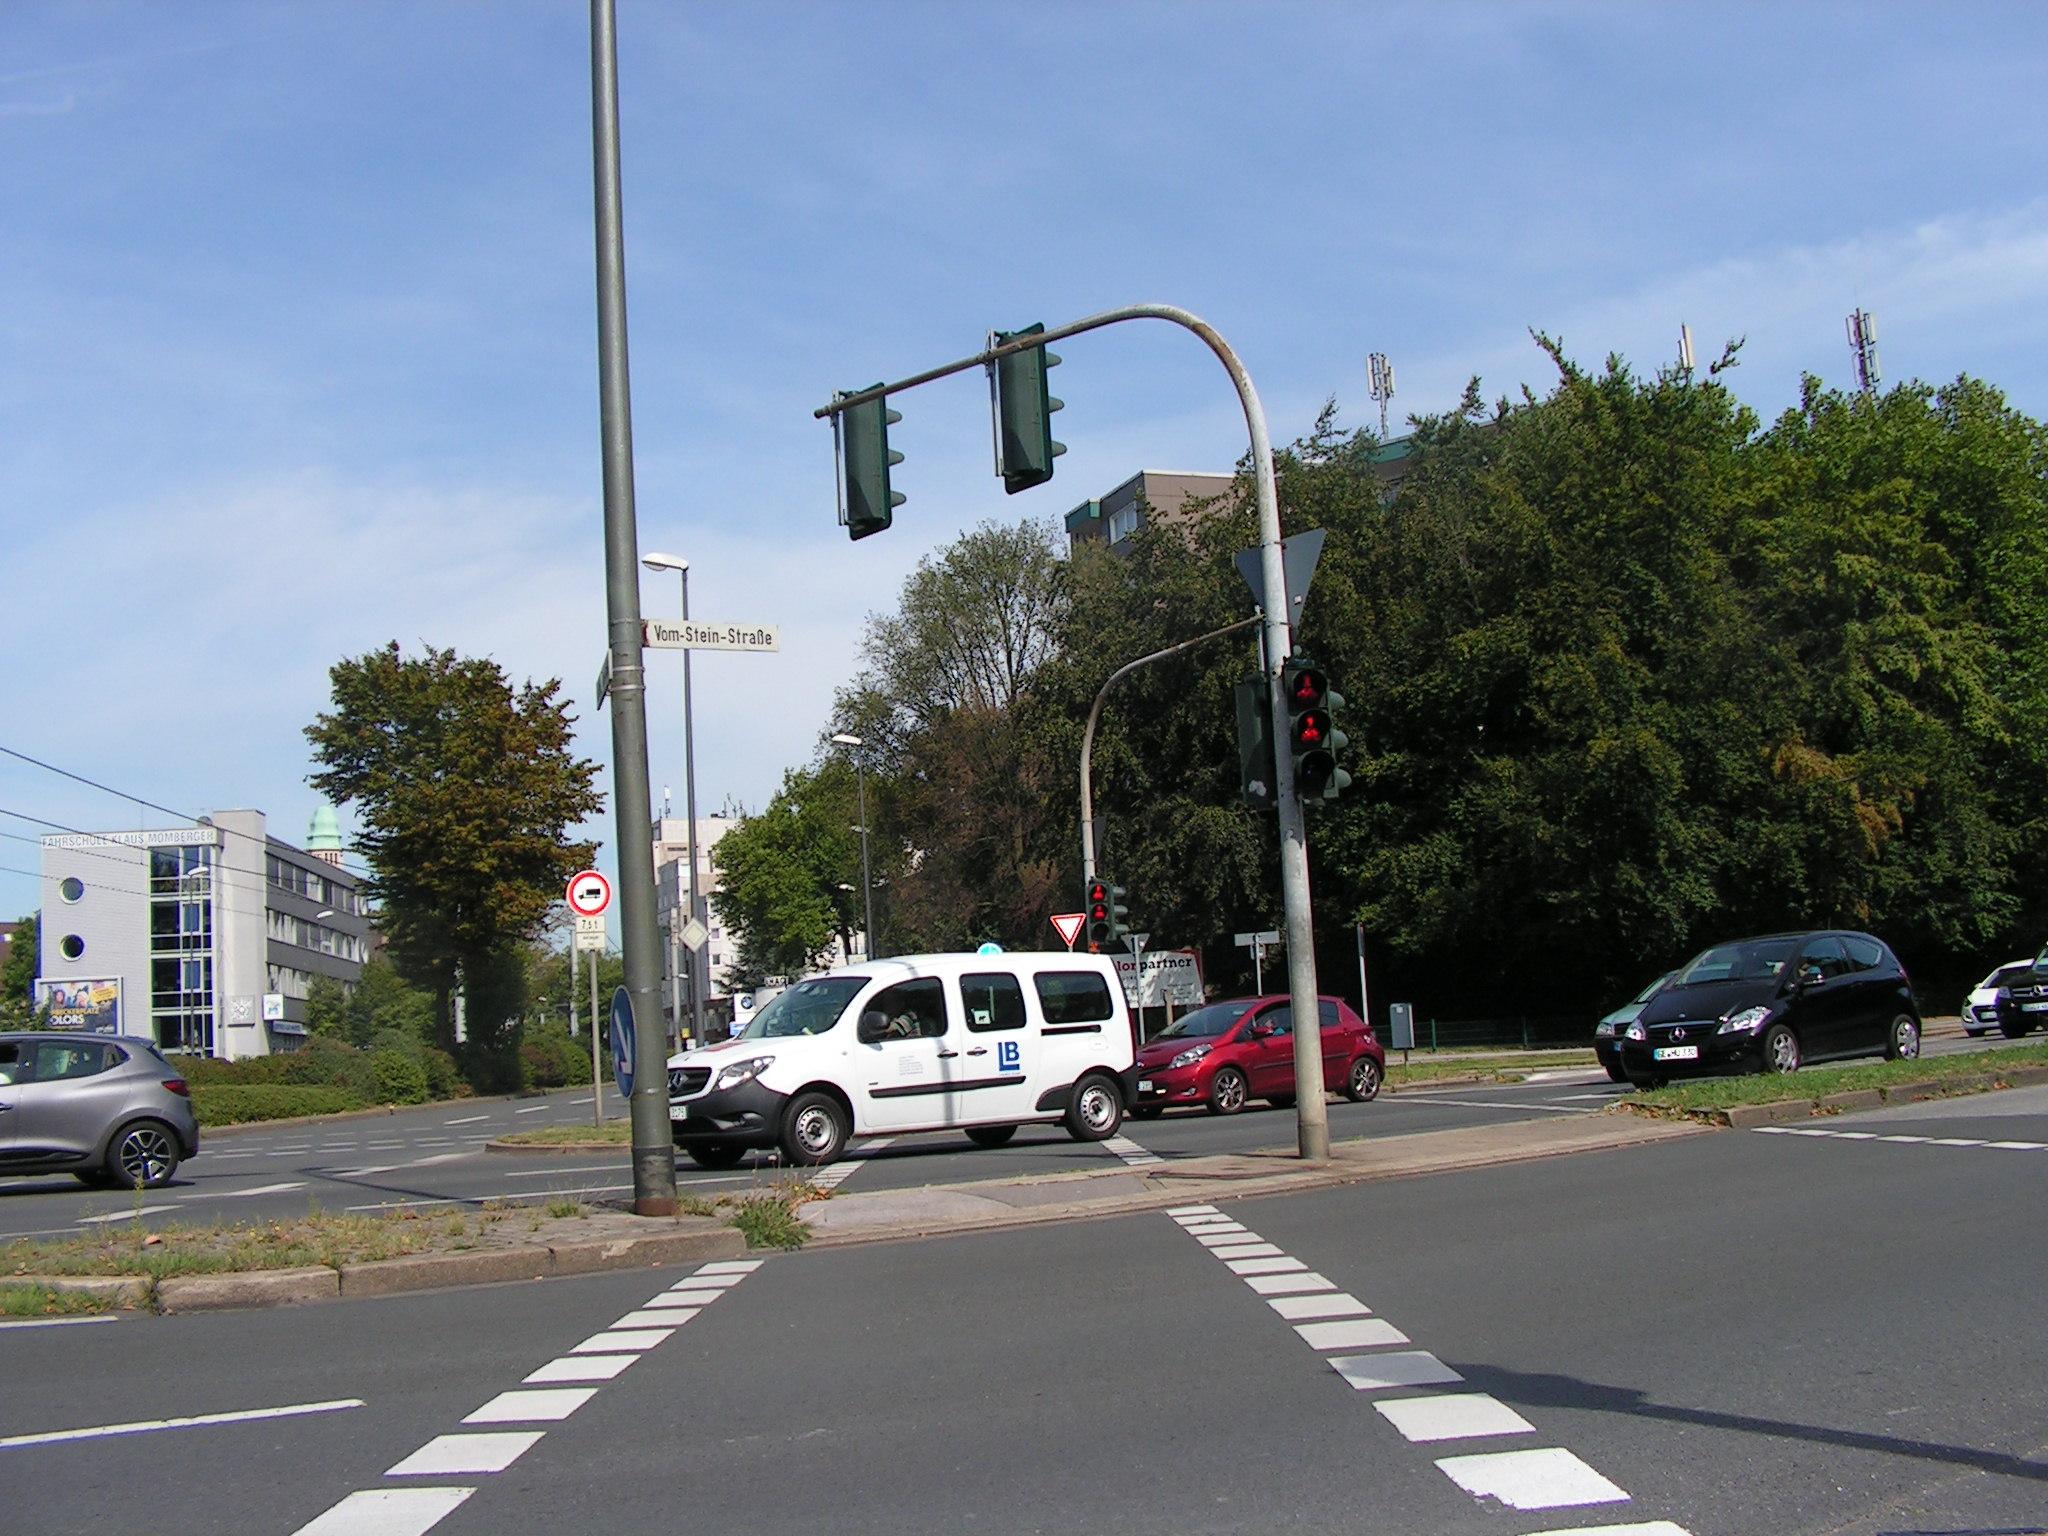 Der fast durchgängig vierstreifige Umgehungsring. Im Hintergrund die Kurt-Schumacher-Straße, die kurz darauf zur De-la-Chevallerie-Straße wird und immerhin für den LKW-Durchgangsverkehr gesperrt ist. (Foto: Peter Maier)